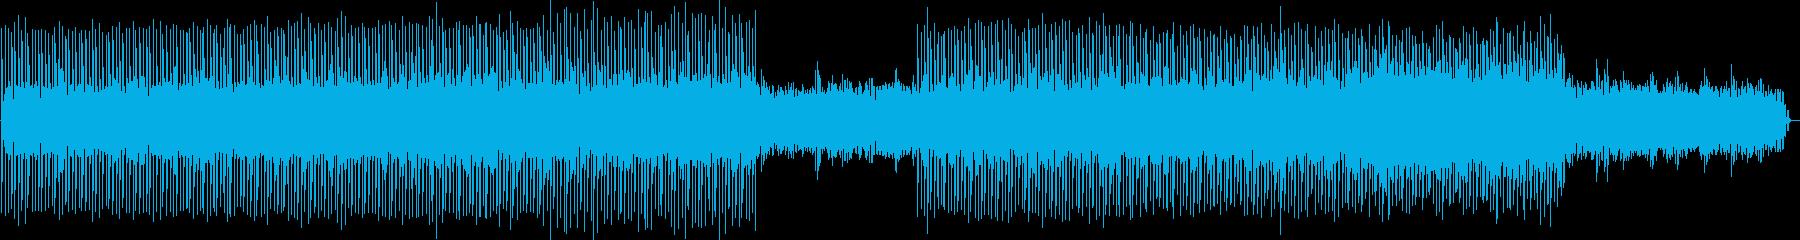 ほのぼのドライブミュージックの再生済みの波形